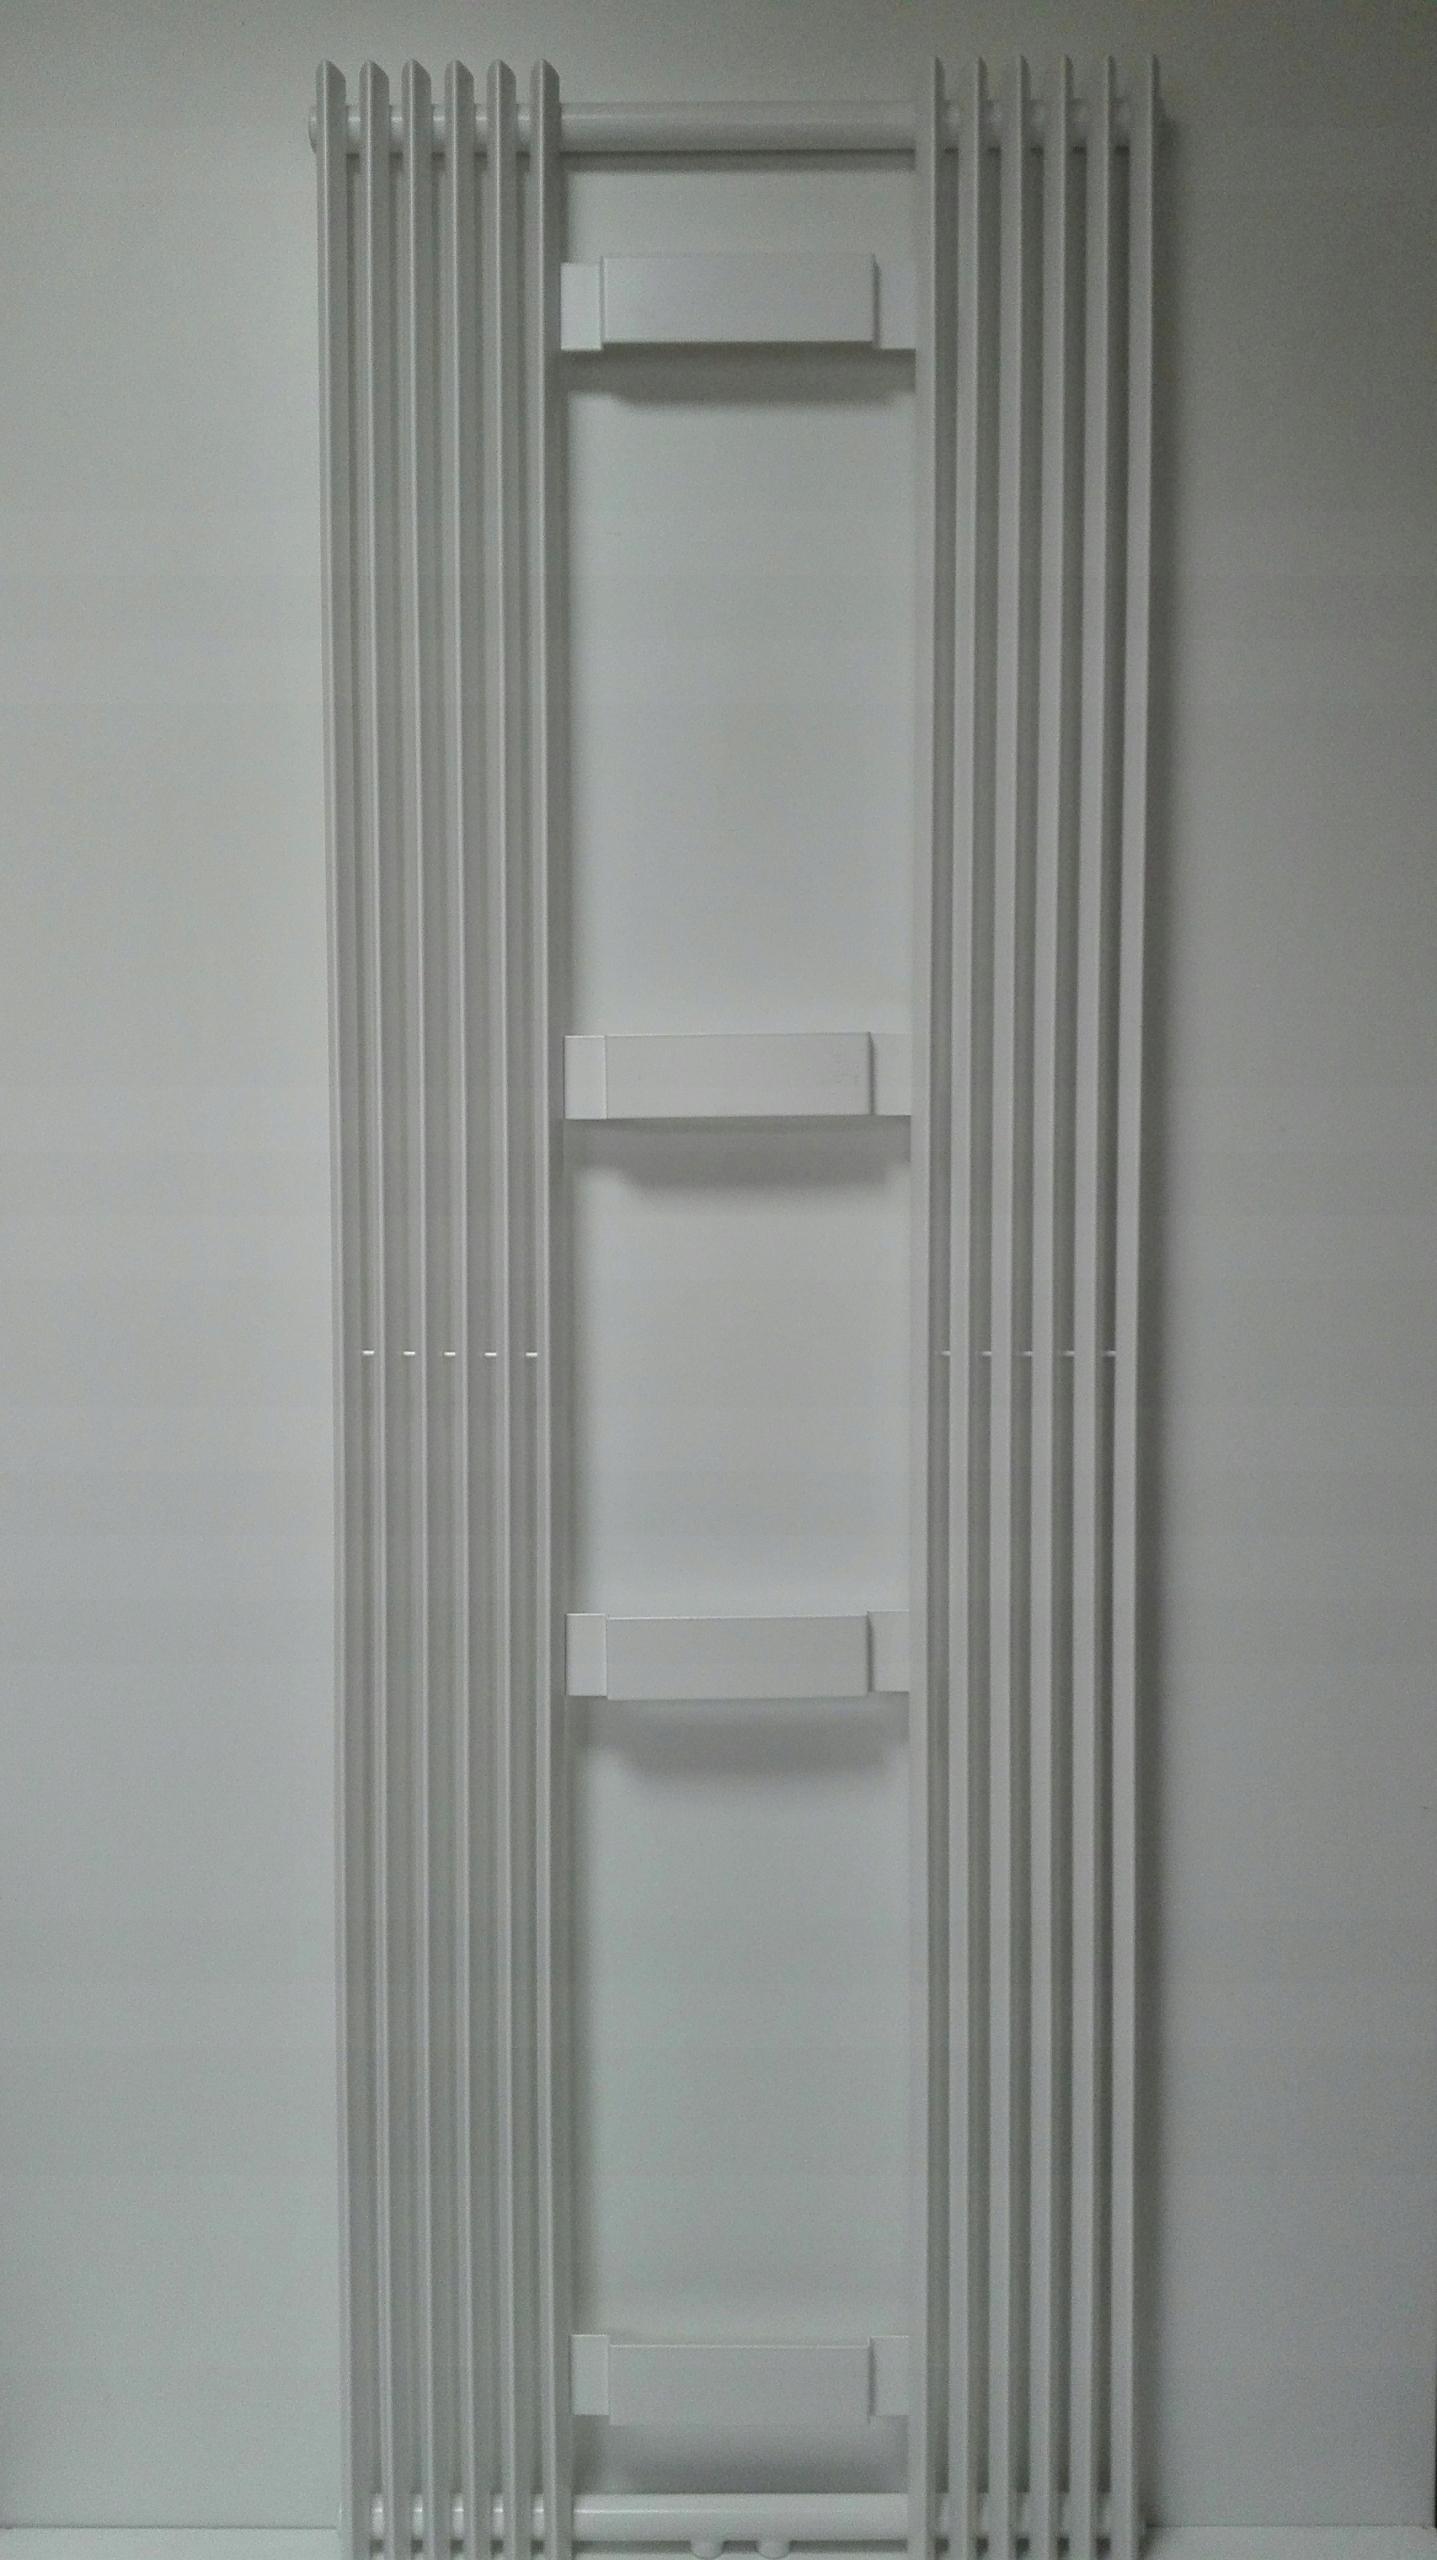 Grzejnik Dekoracyjny Pionowy 180x60biały Z Lustrem